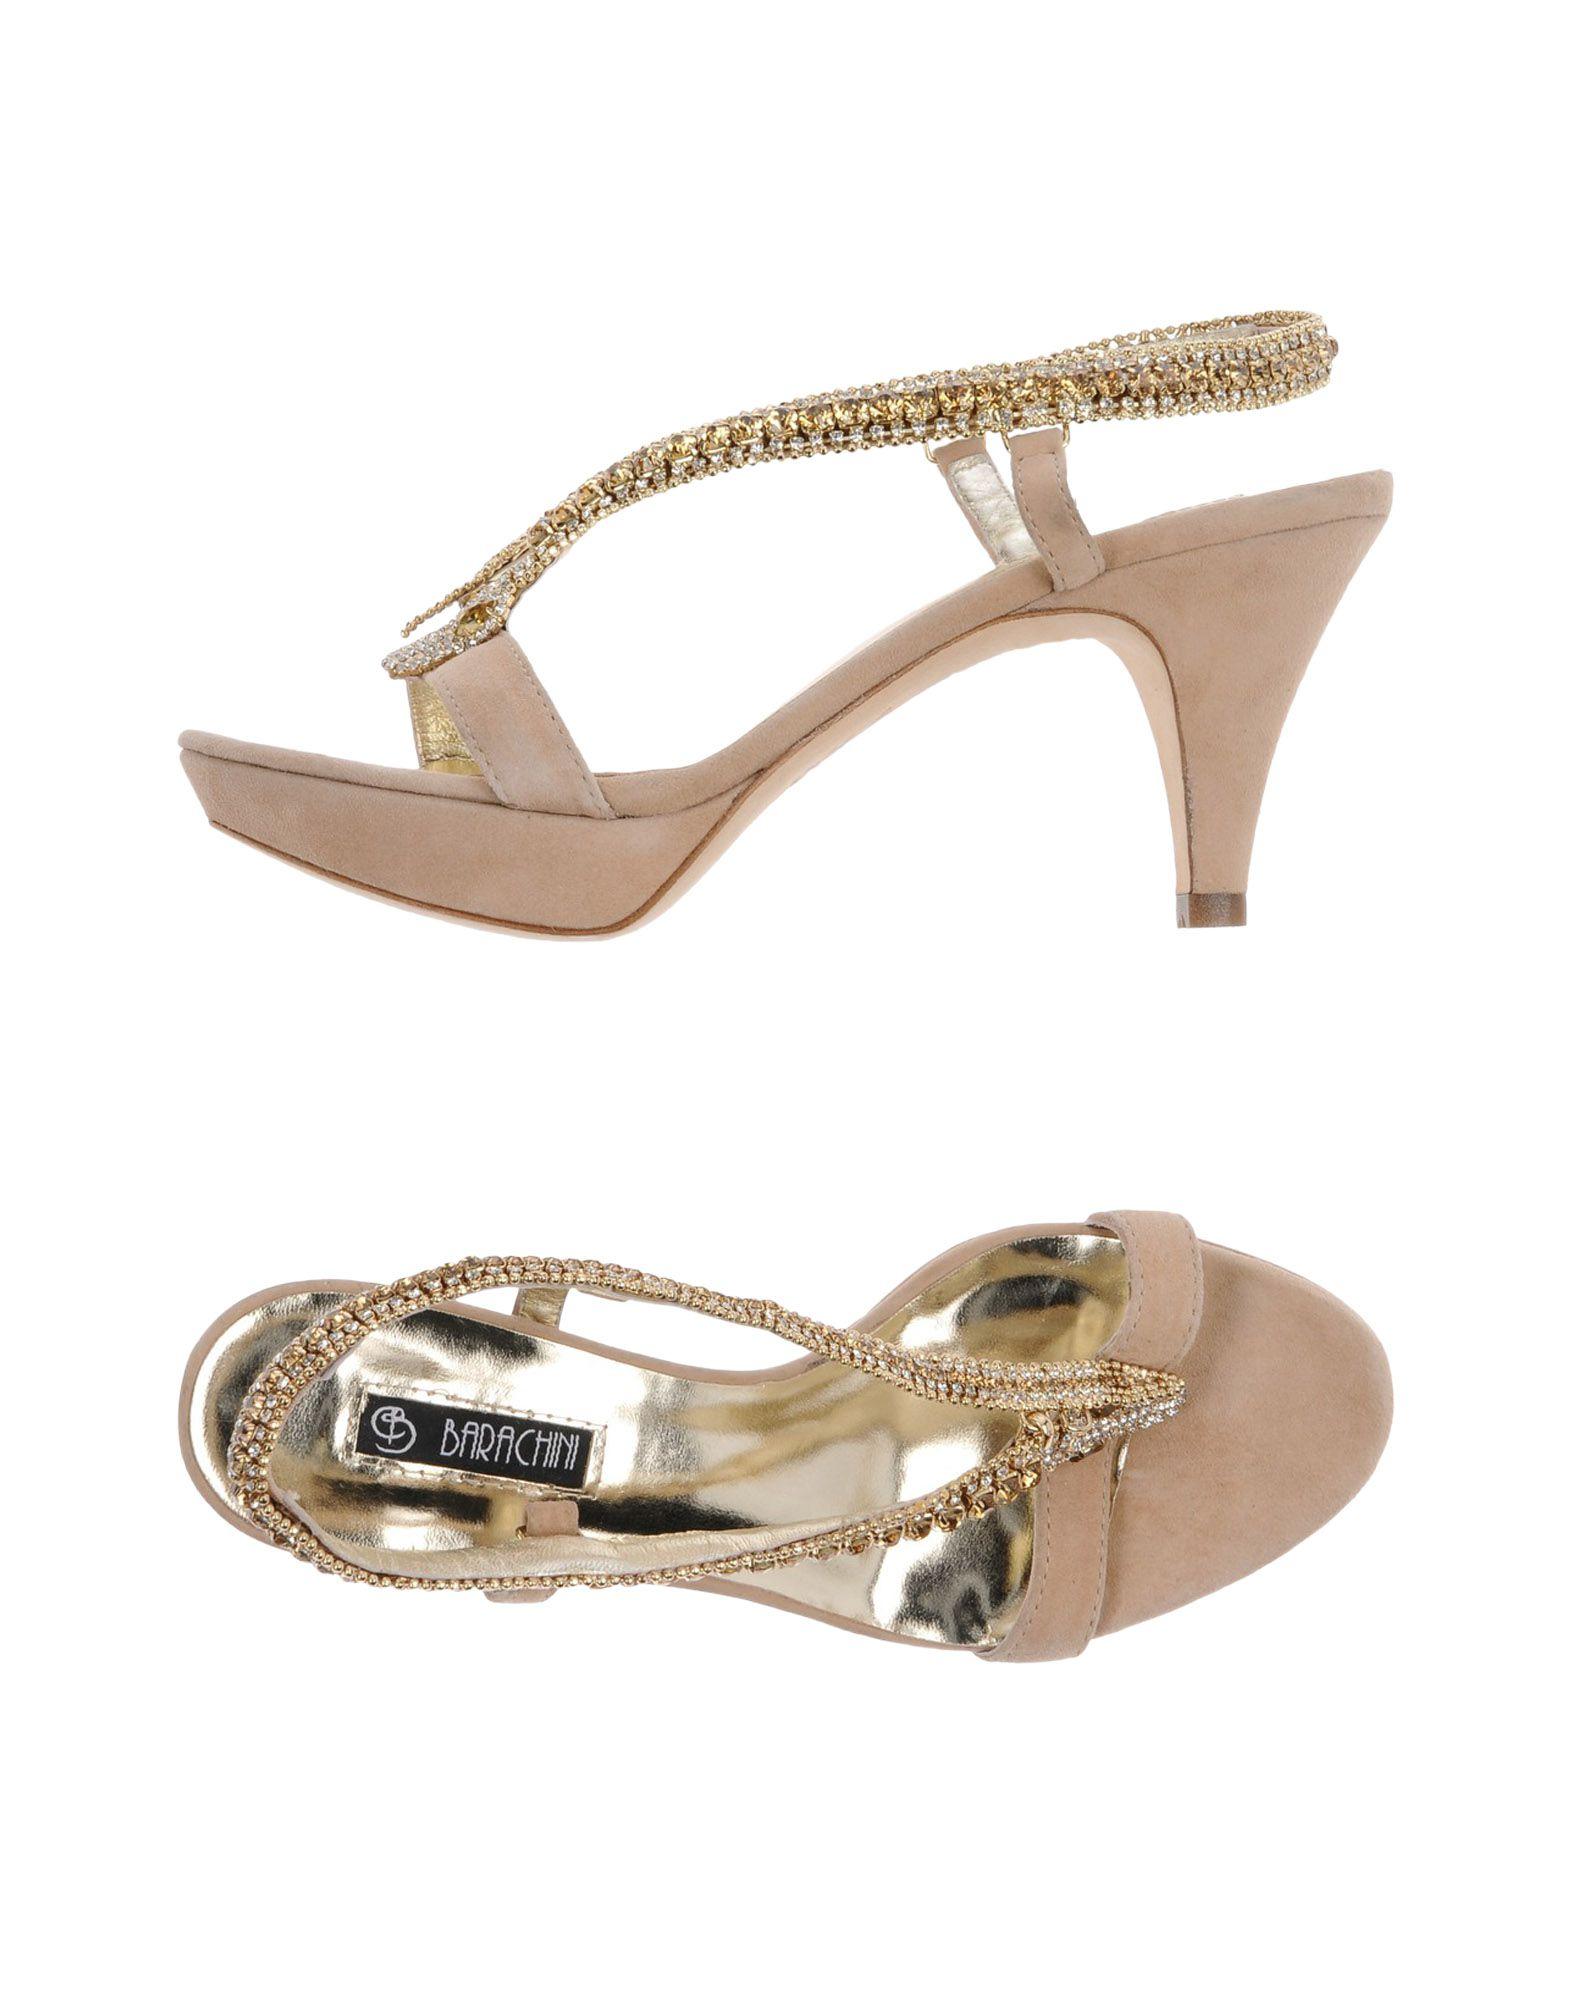 Barachini Sandalen Damen  11418470XL Gute Qualität beliebte Schuhe